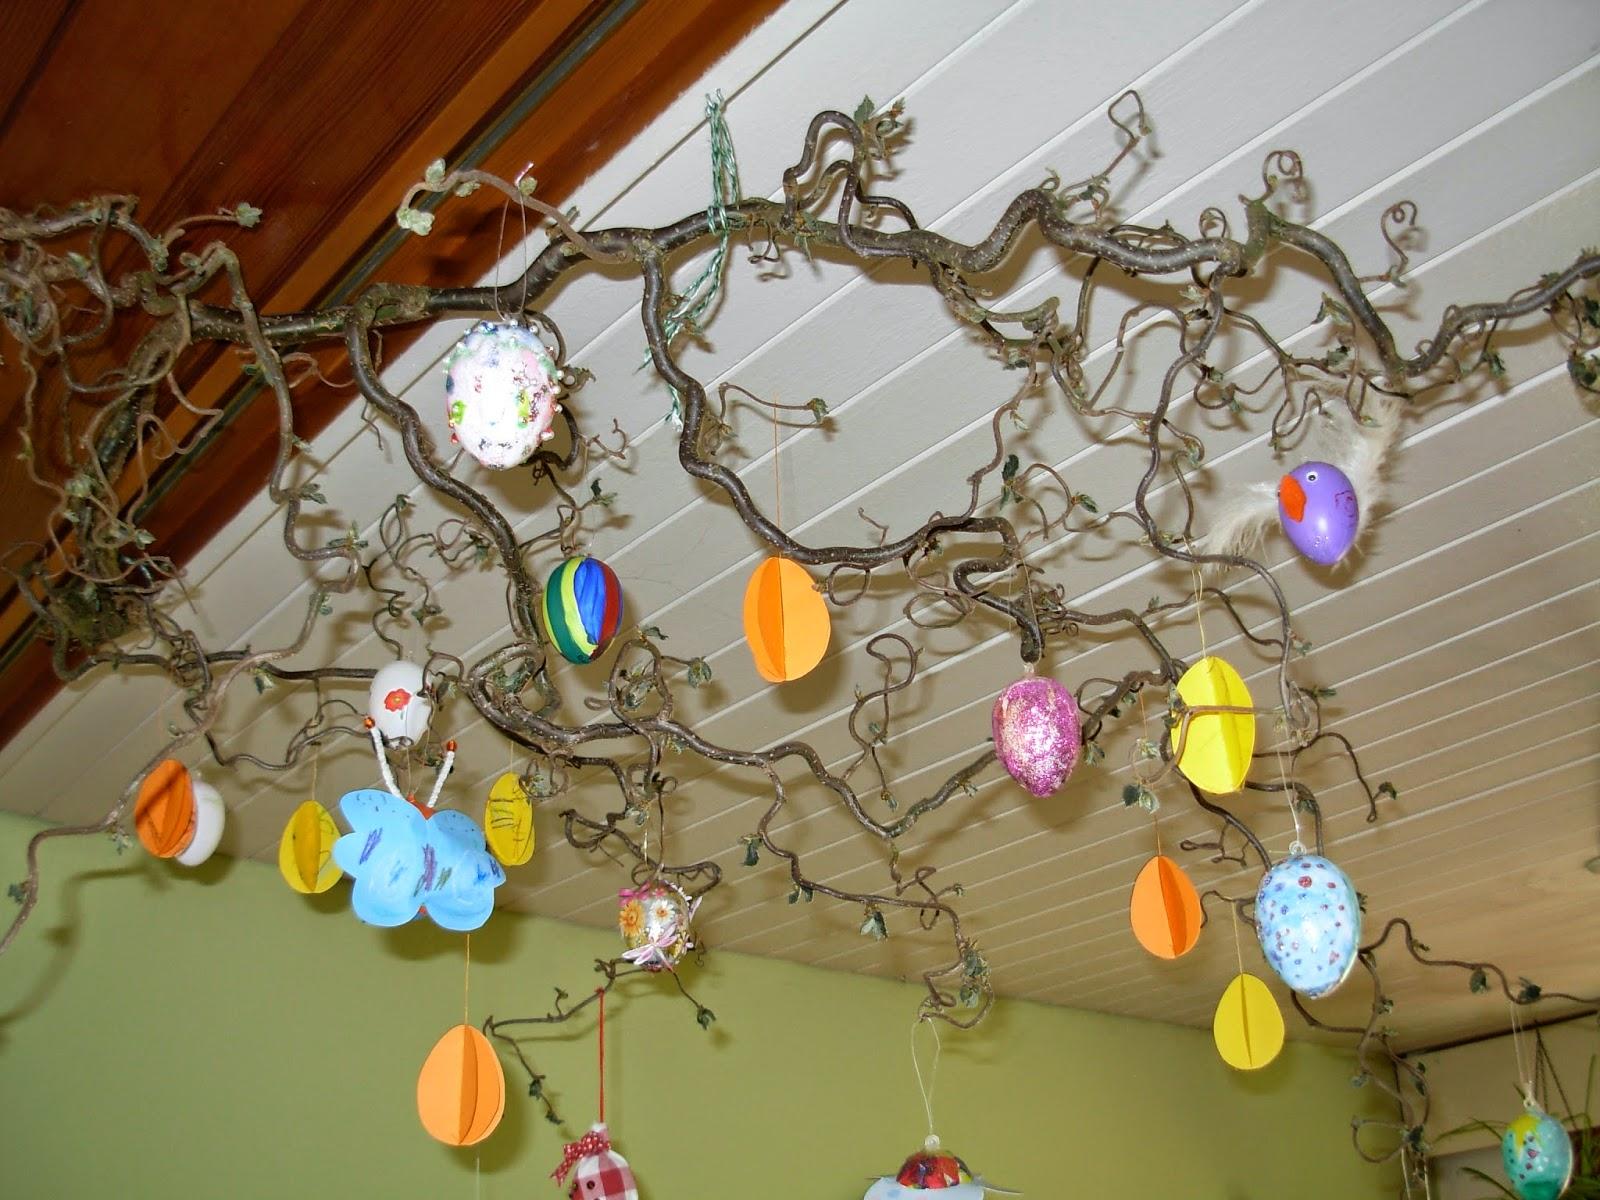 selbstgebastelt für den Osterbaum